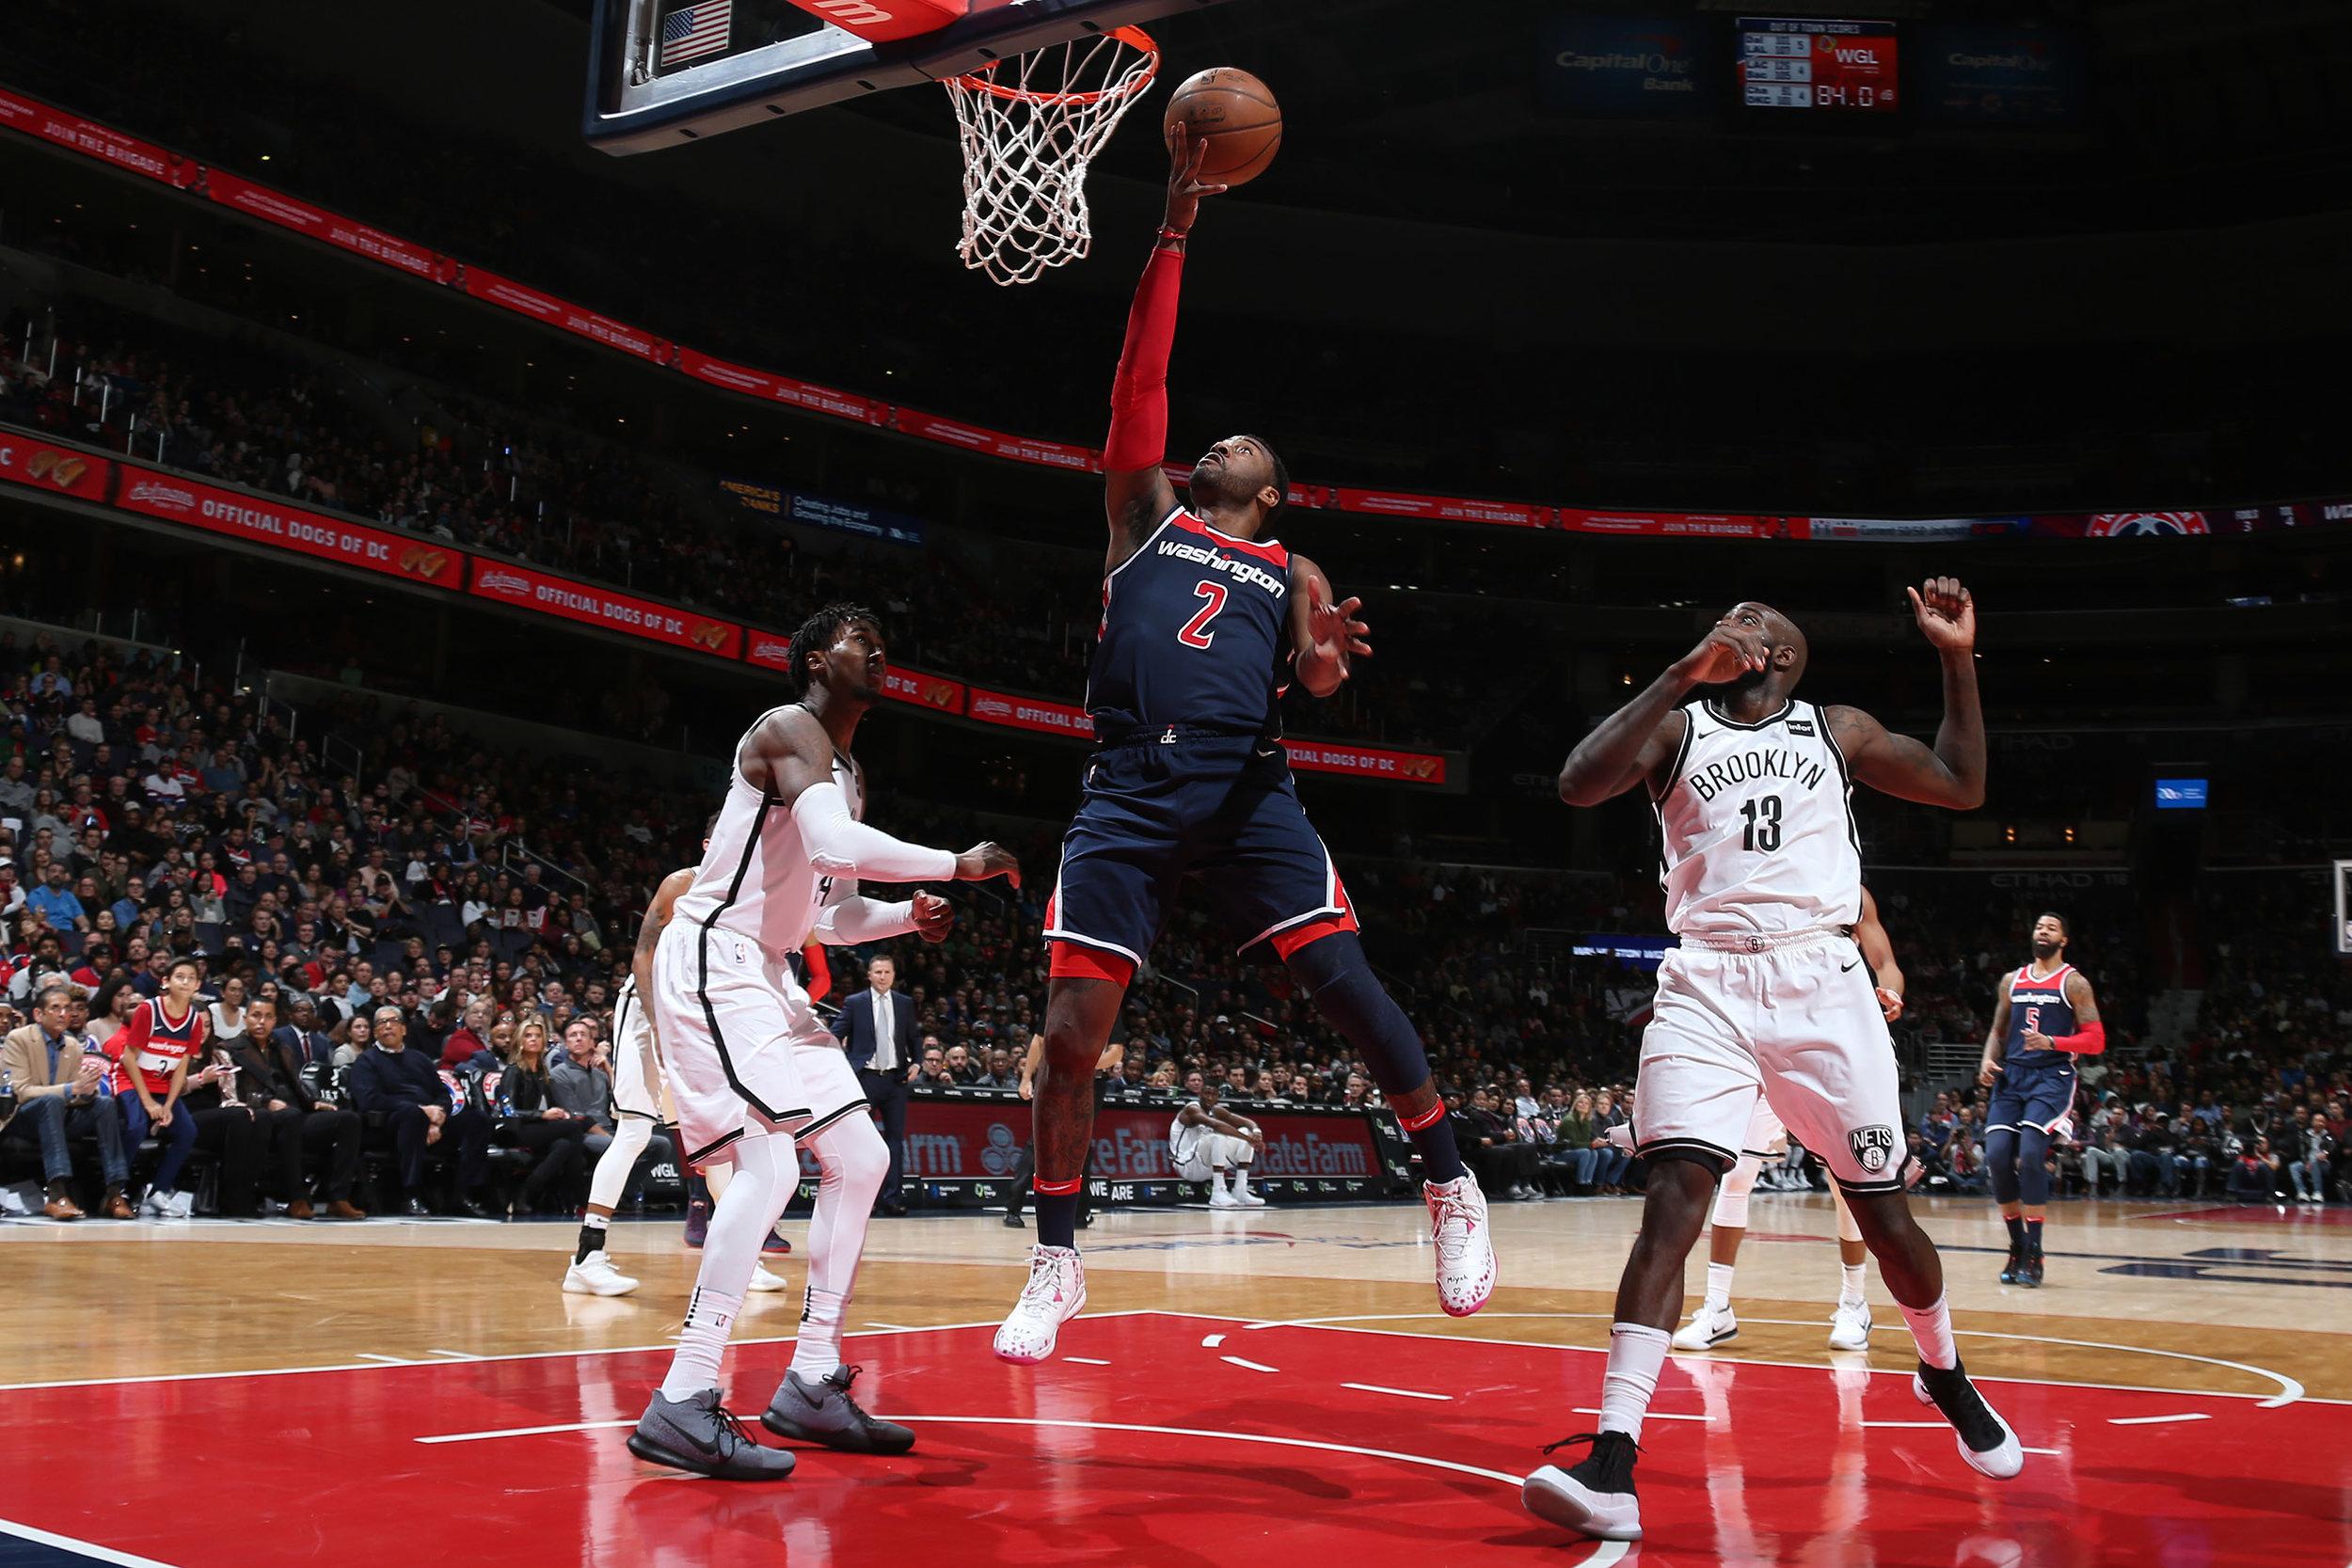 Brooklyn-Nets-Washington-Wizards-20180113-13.JPG